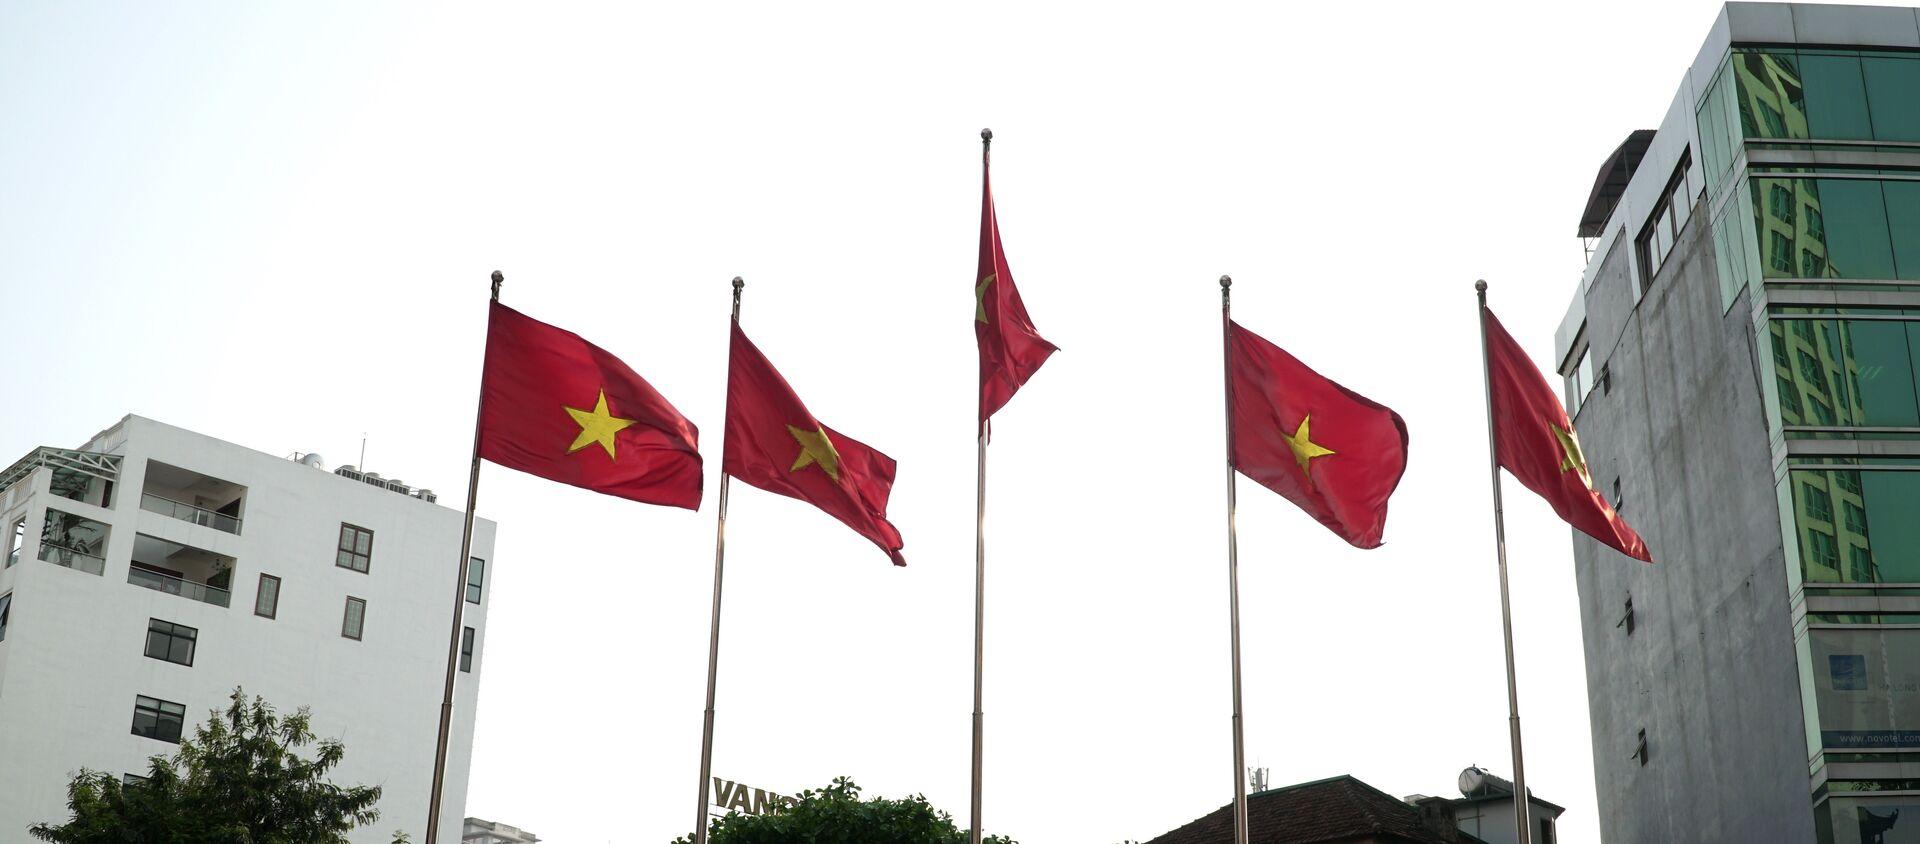 Hà Nội - Sputnik Việt Nam, 1920, 15.03.2019